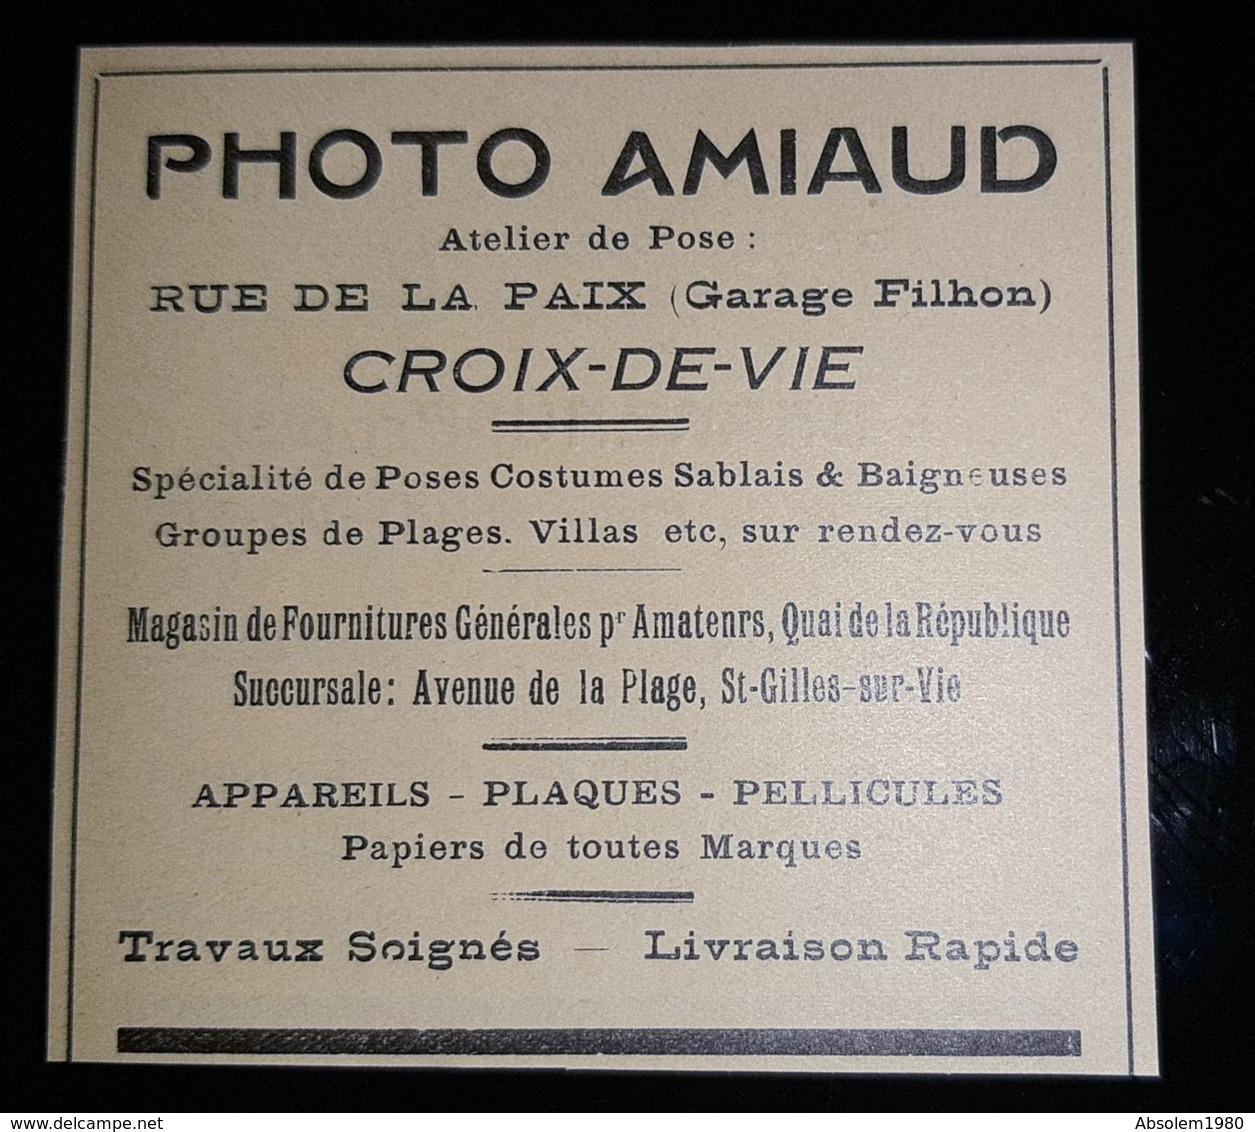 Amiaud (3)